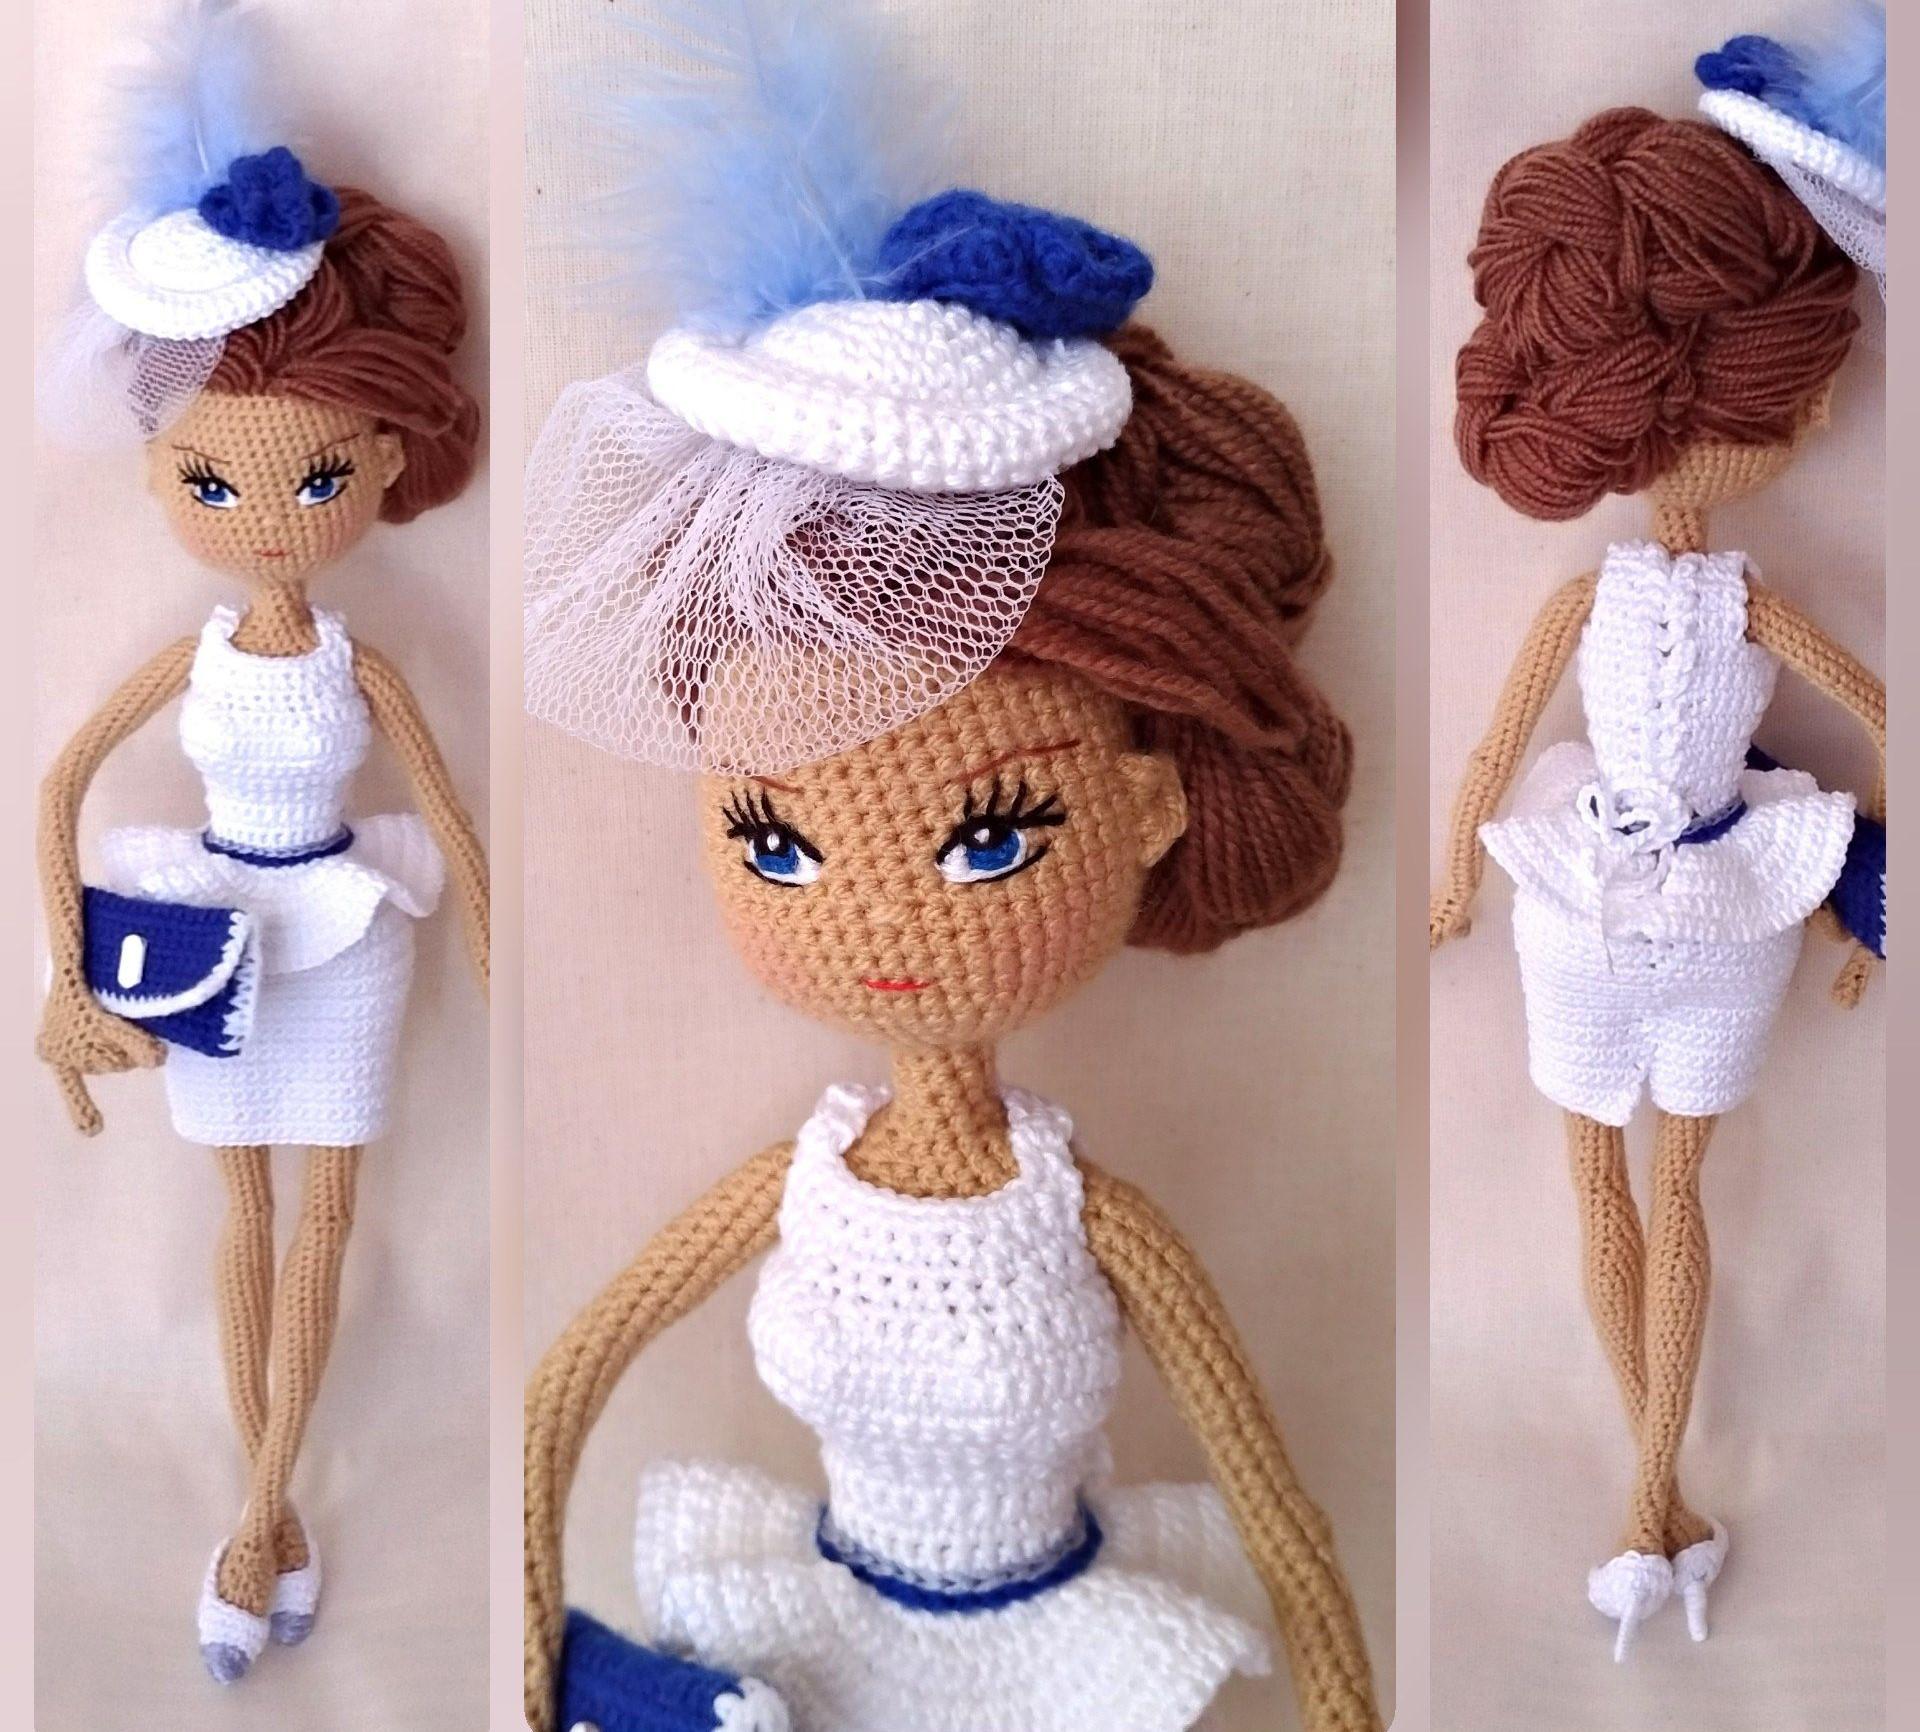 кукла Барби амигуруми крючком